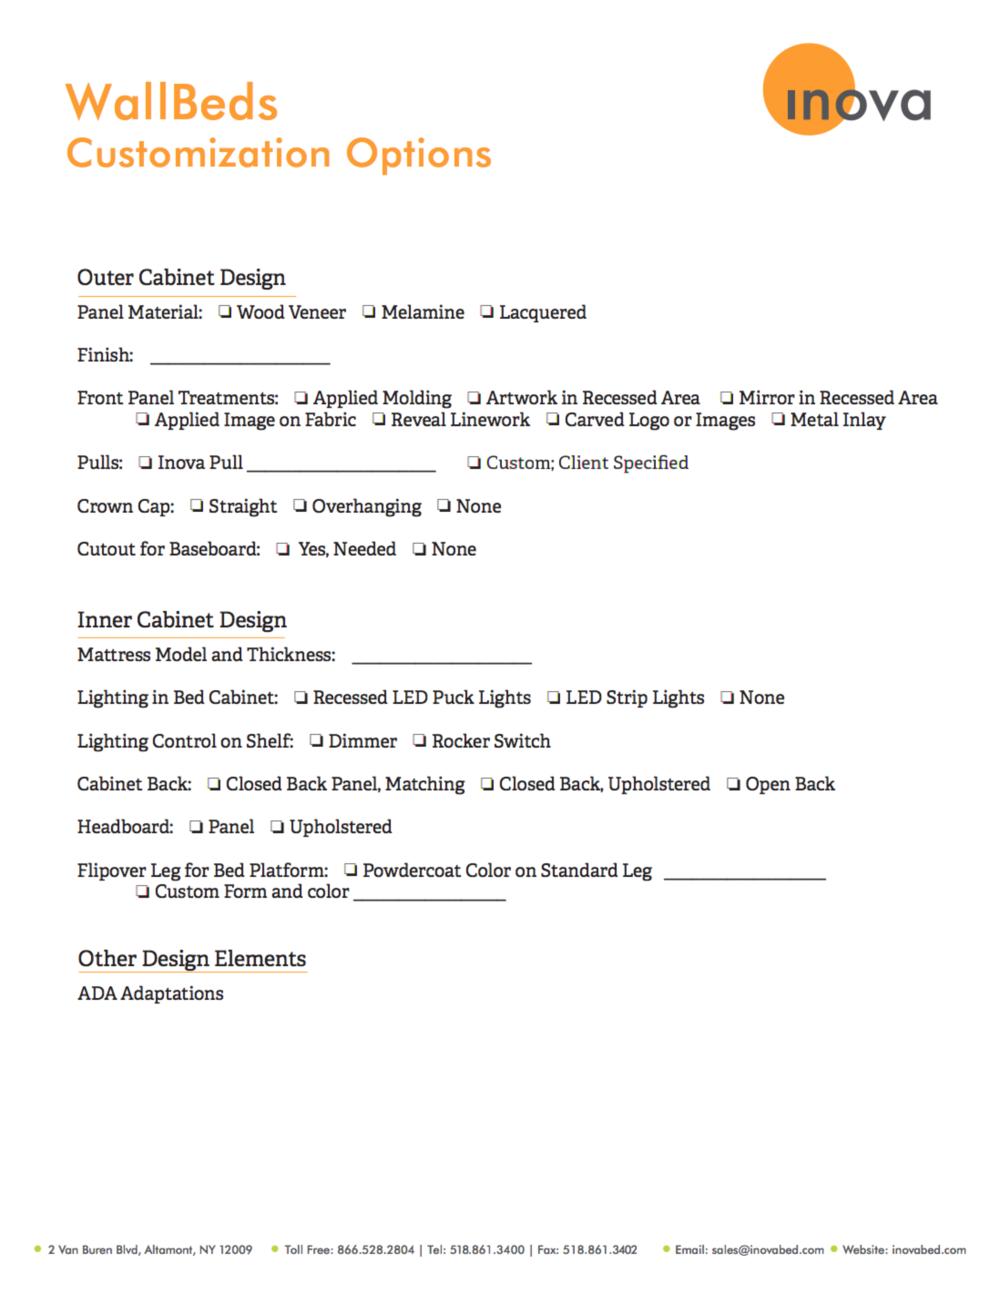 WallBeds: Customization Options